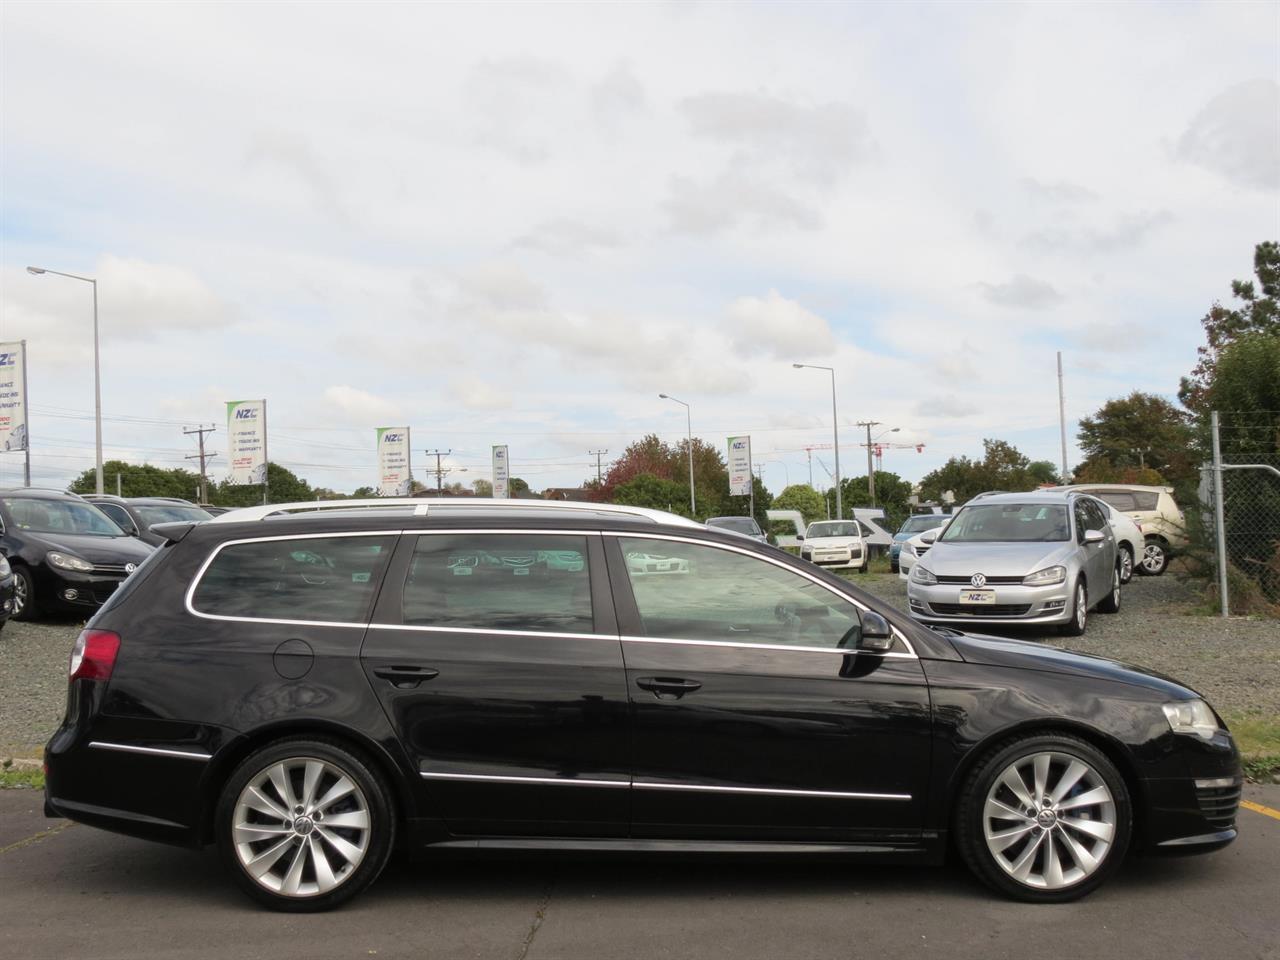 2009 Volkswagen Passat | only $64 weekly